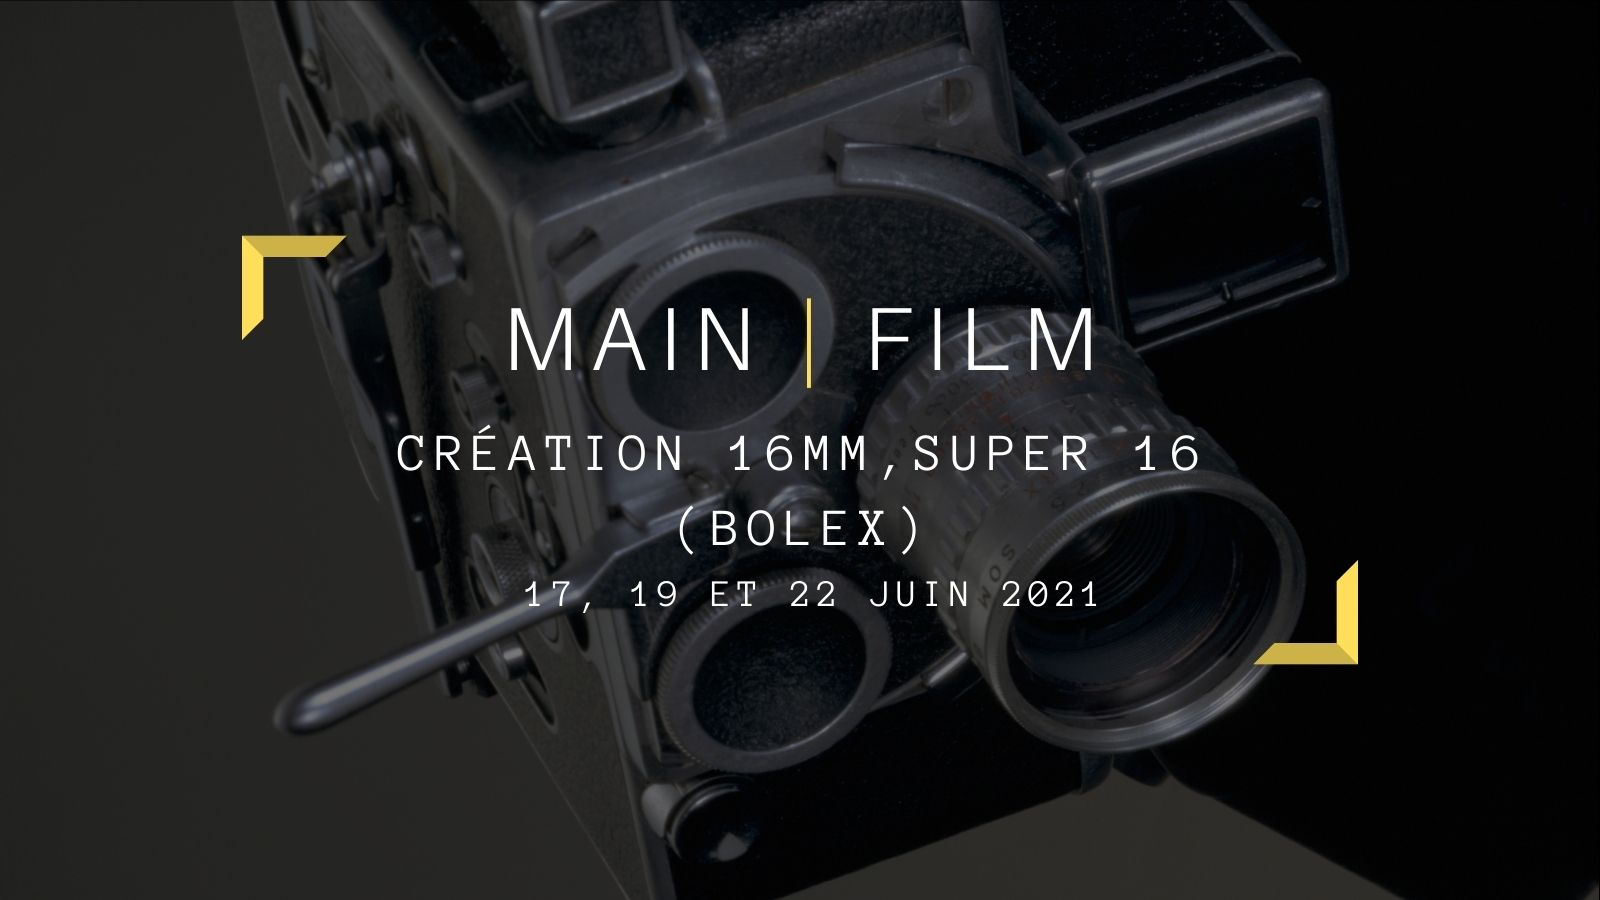 Création 16mm, Super 16 (Bolex) | En ligne & présentiel